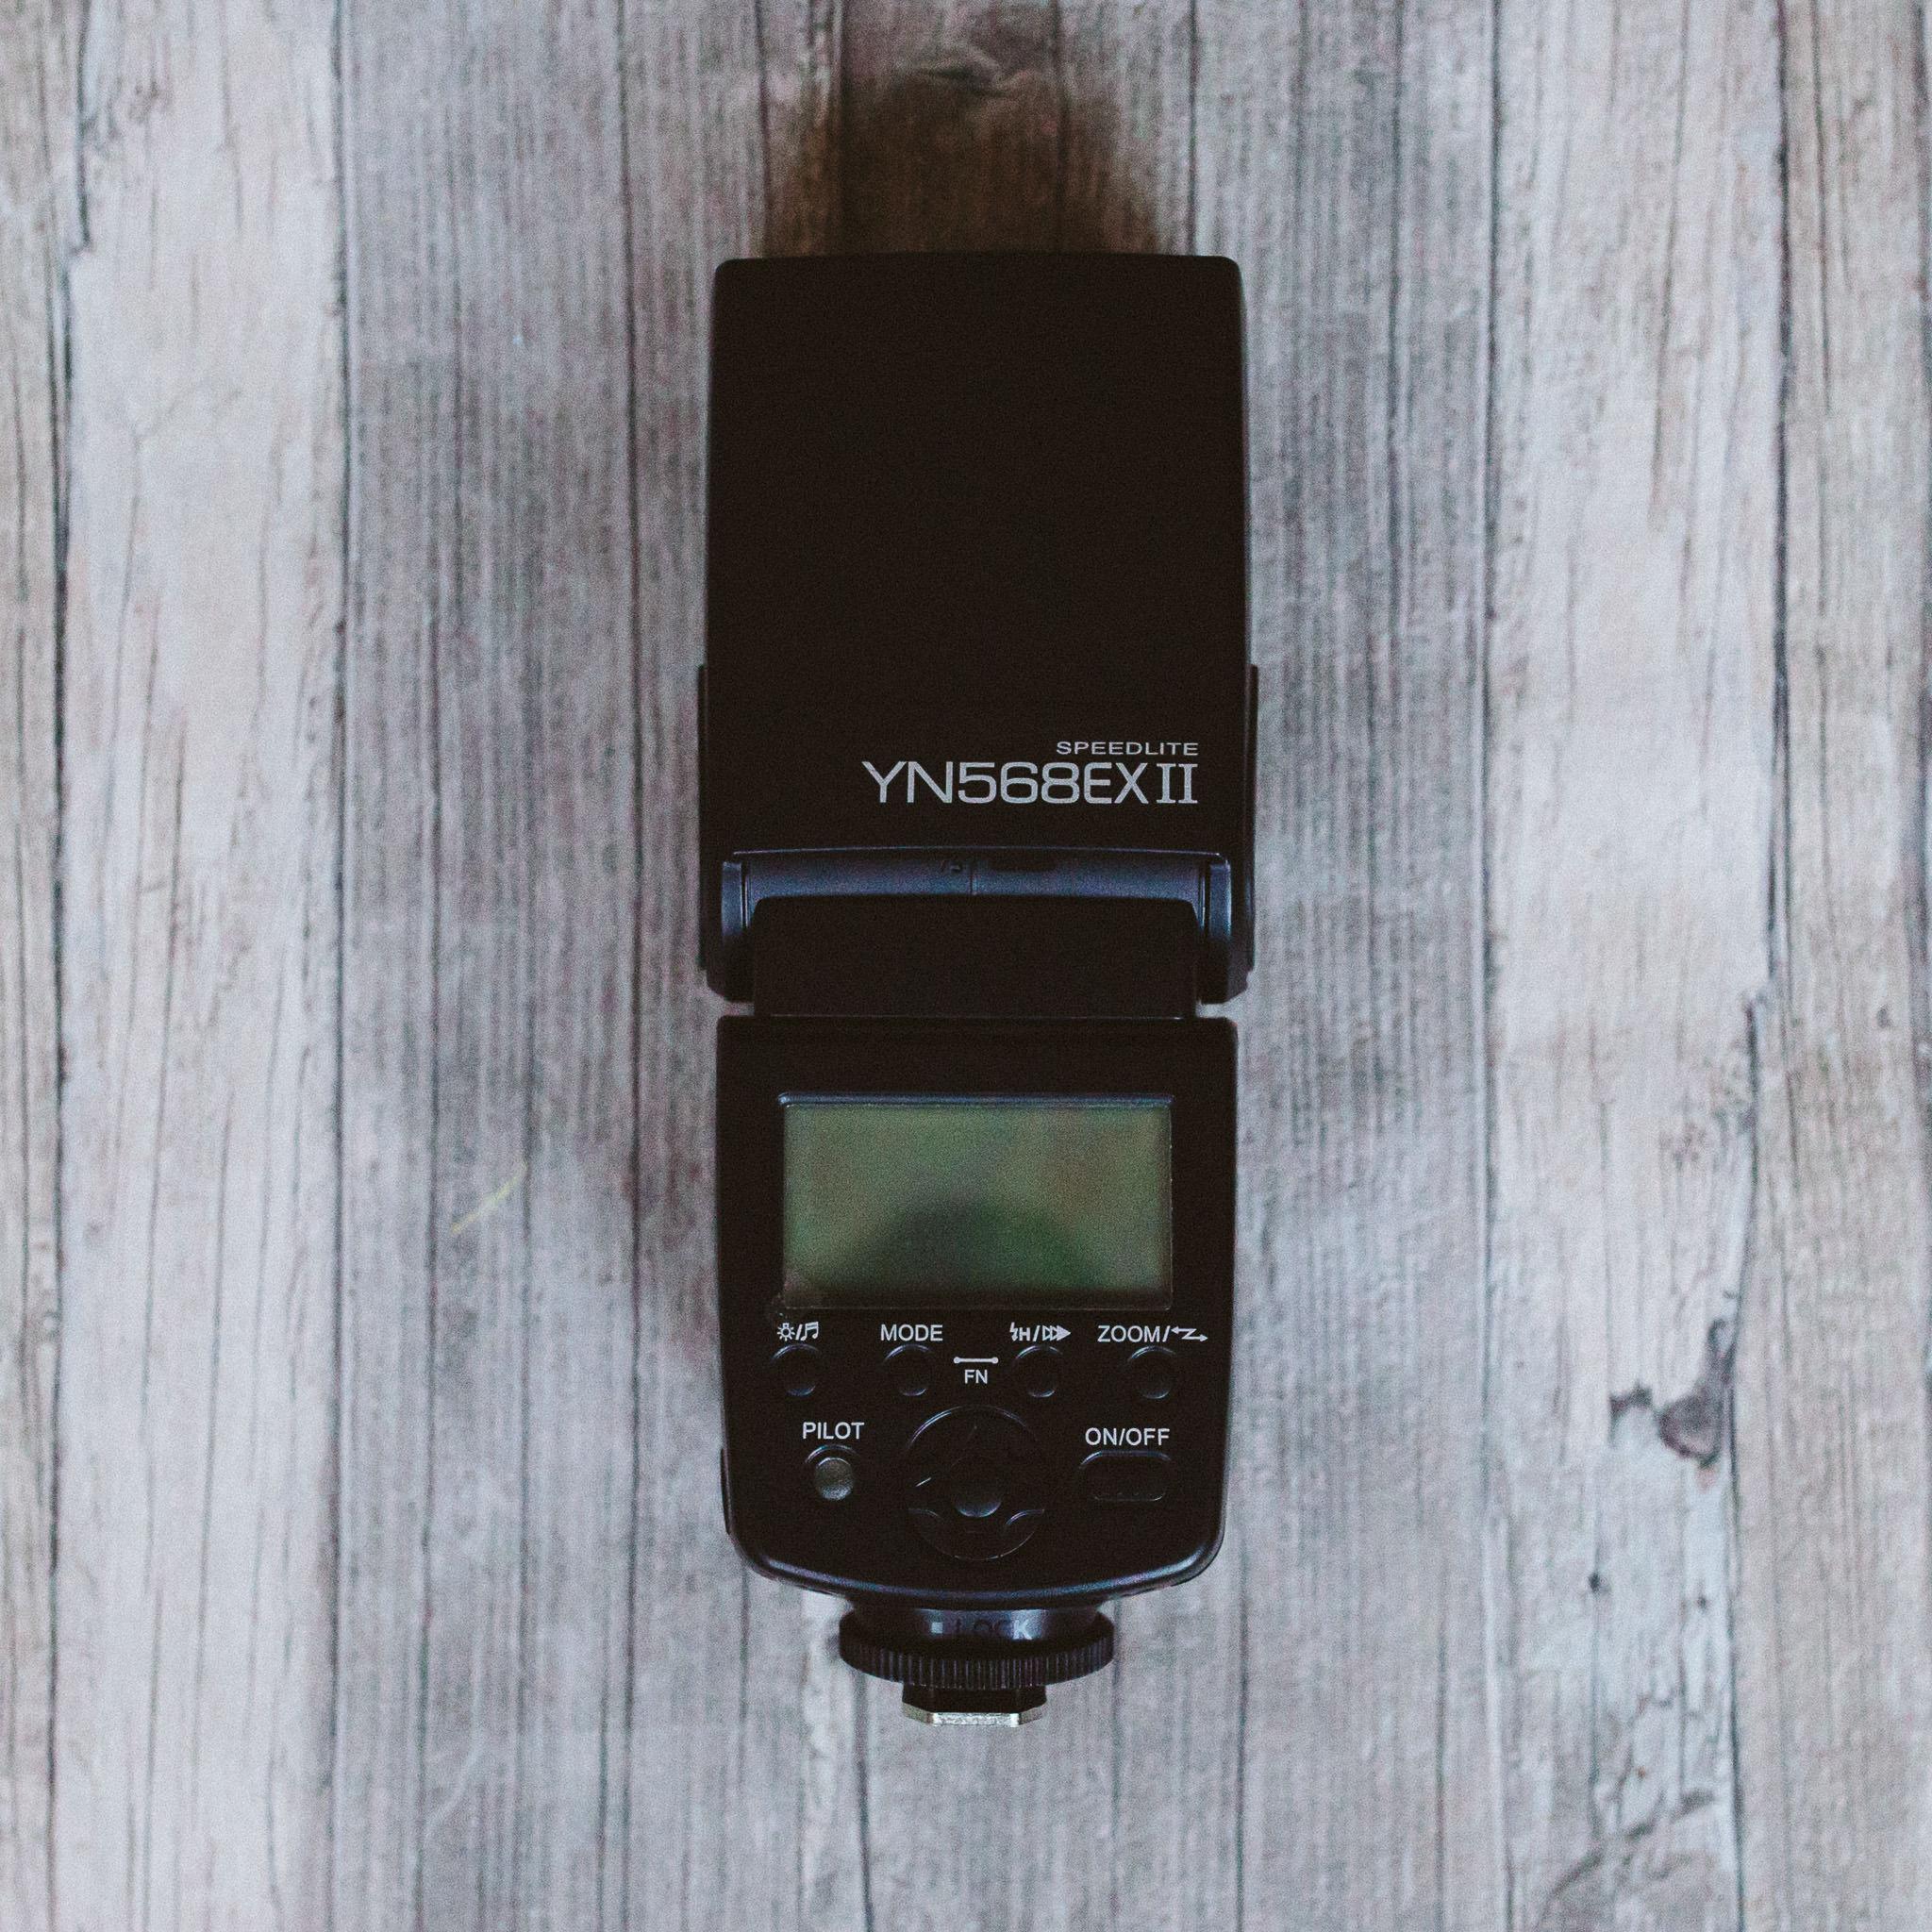 YN568EX-II